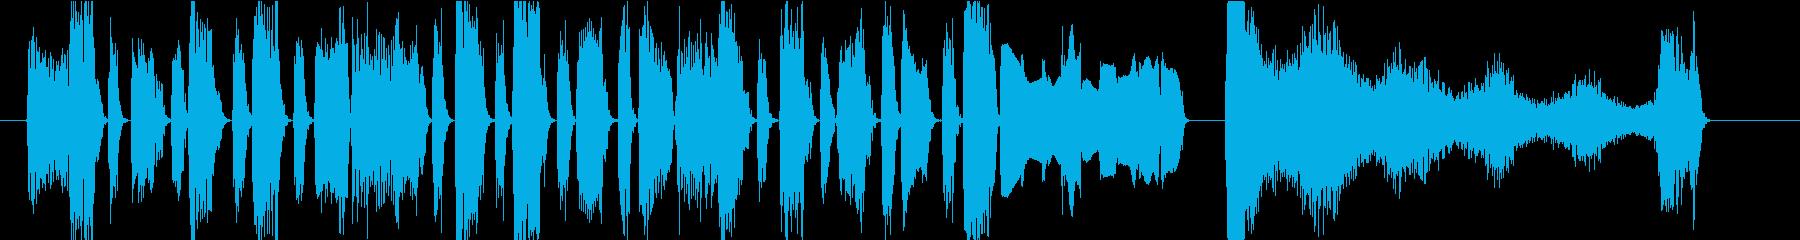 ファンキーなキーボードのジングルの再生済みの波形